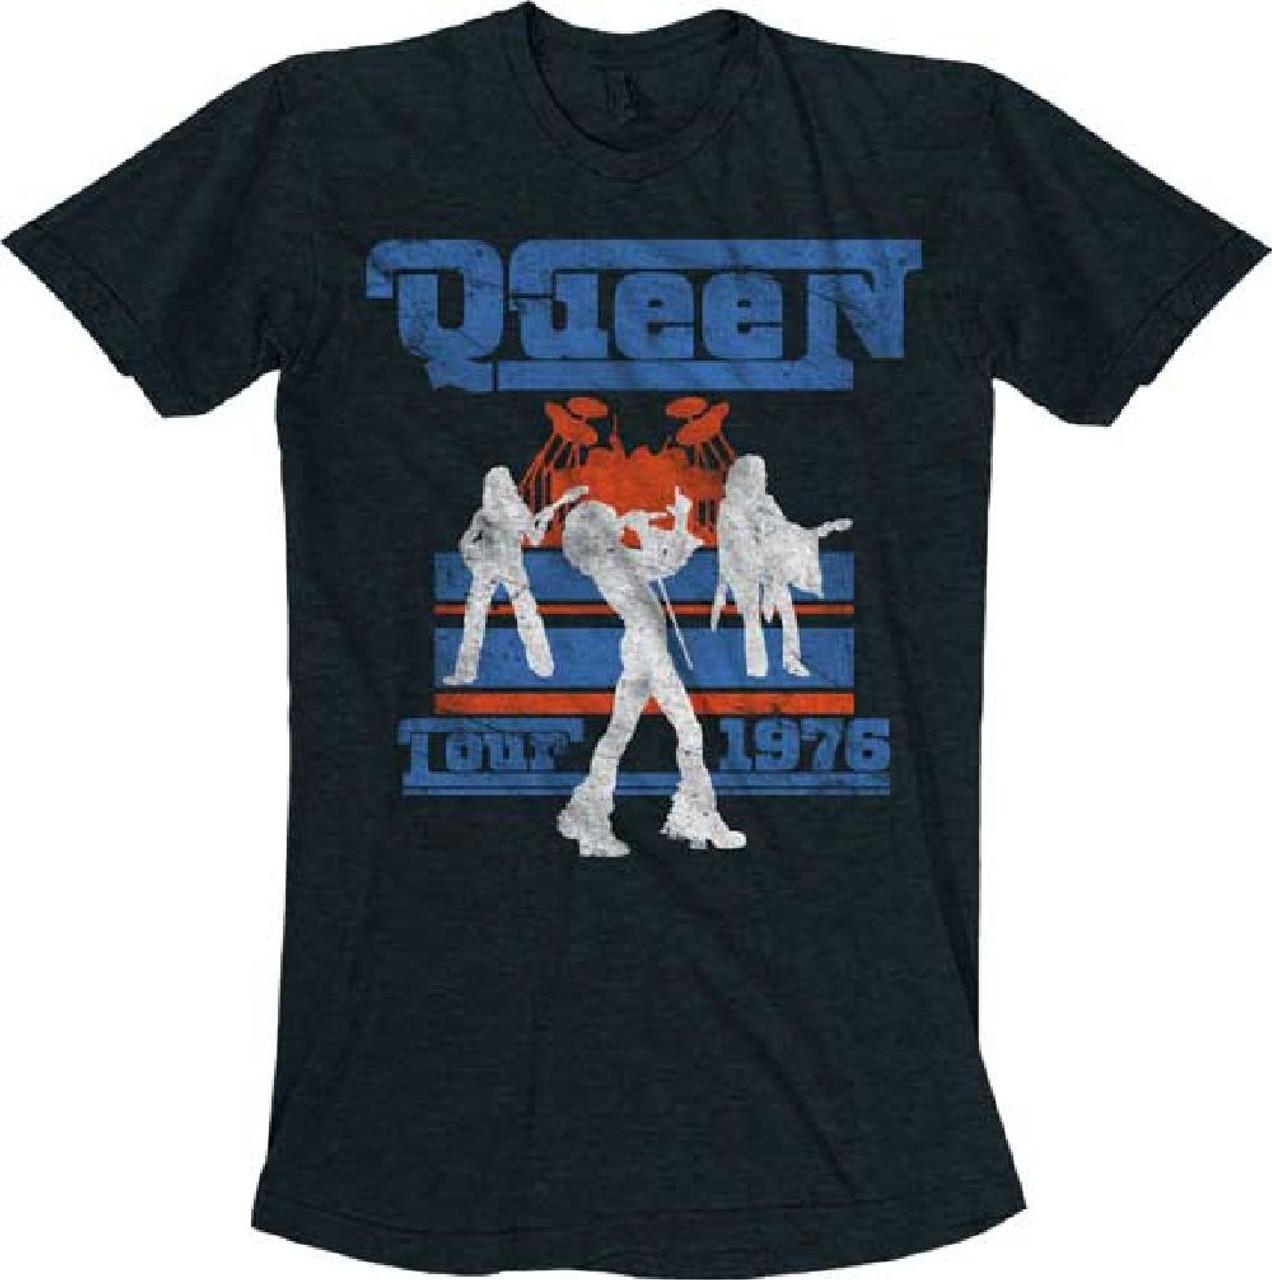 5d6e3287e2c16f Queen Tour 1976 Men's Black Vintage Concert T-shirt